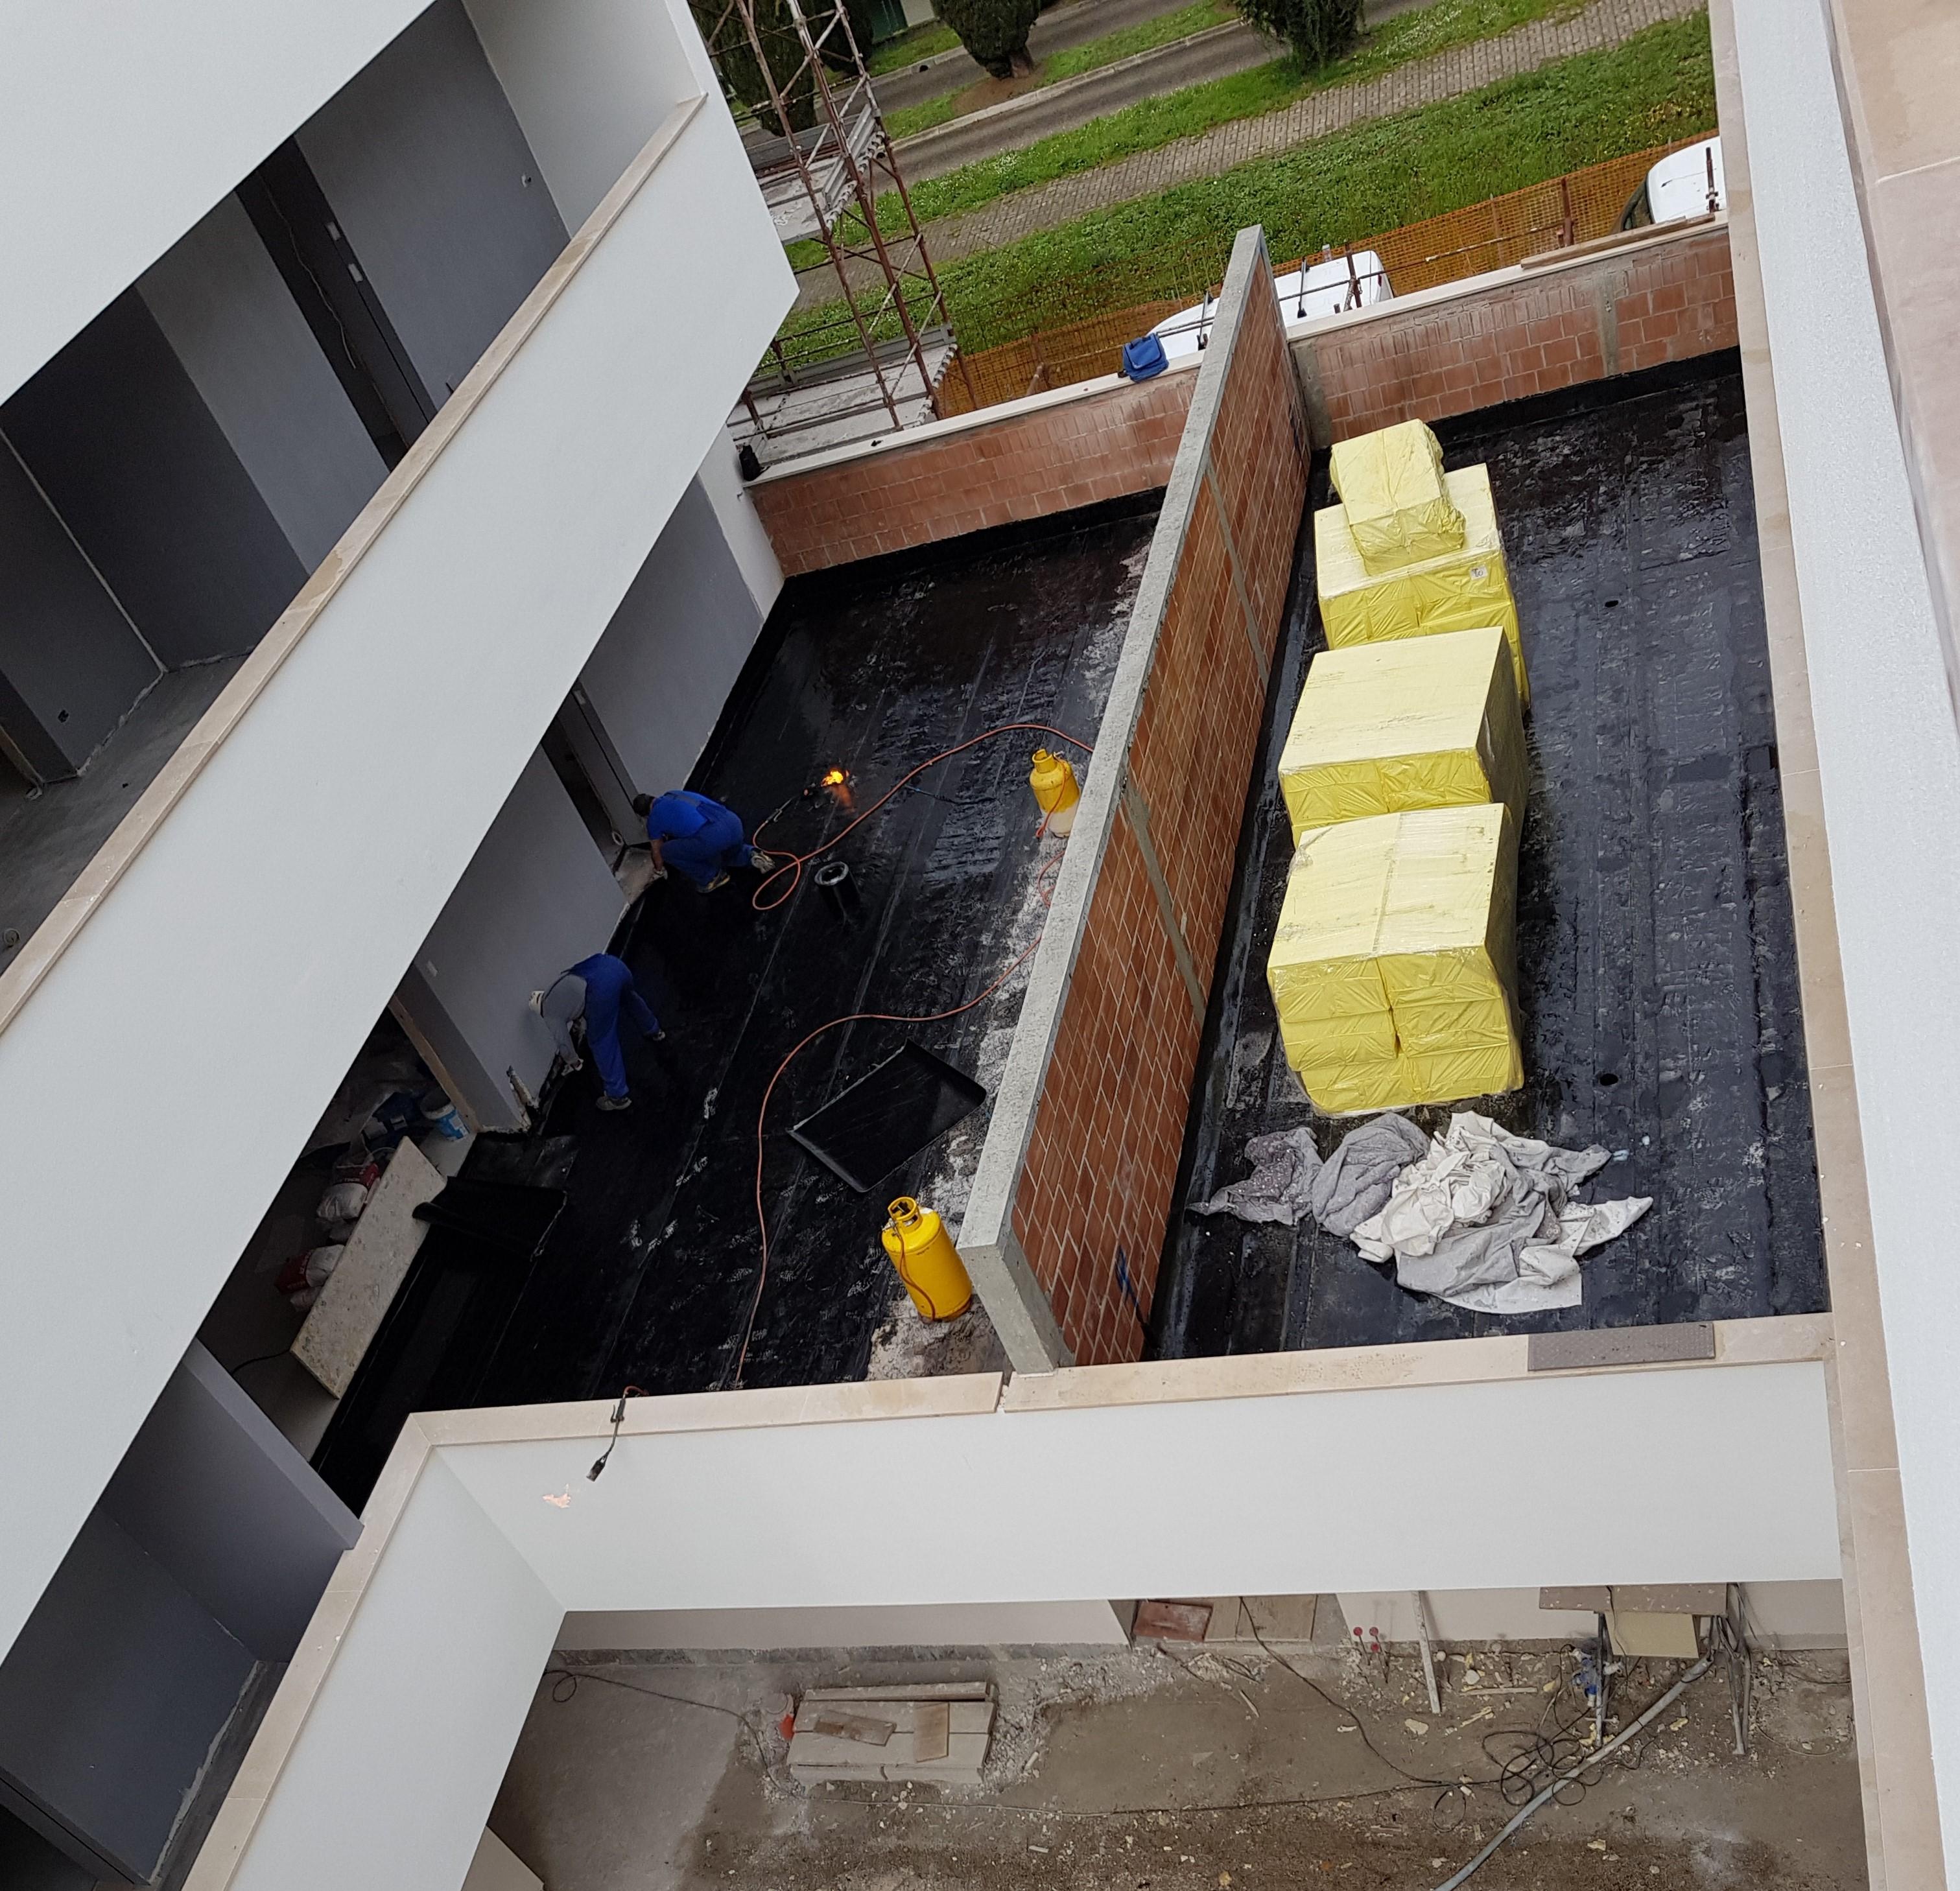 Impermeabilizzazione terrazze - Residenze Savoia s4/s5